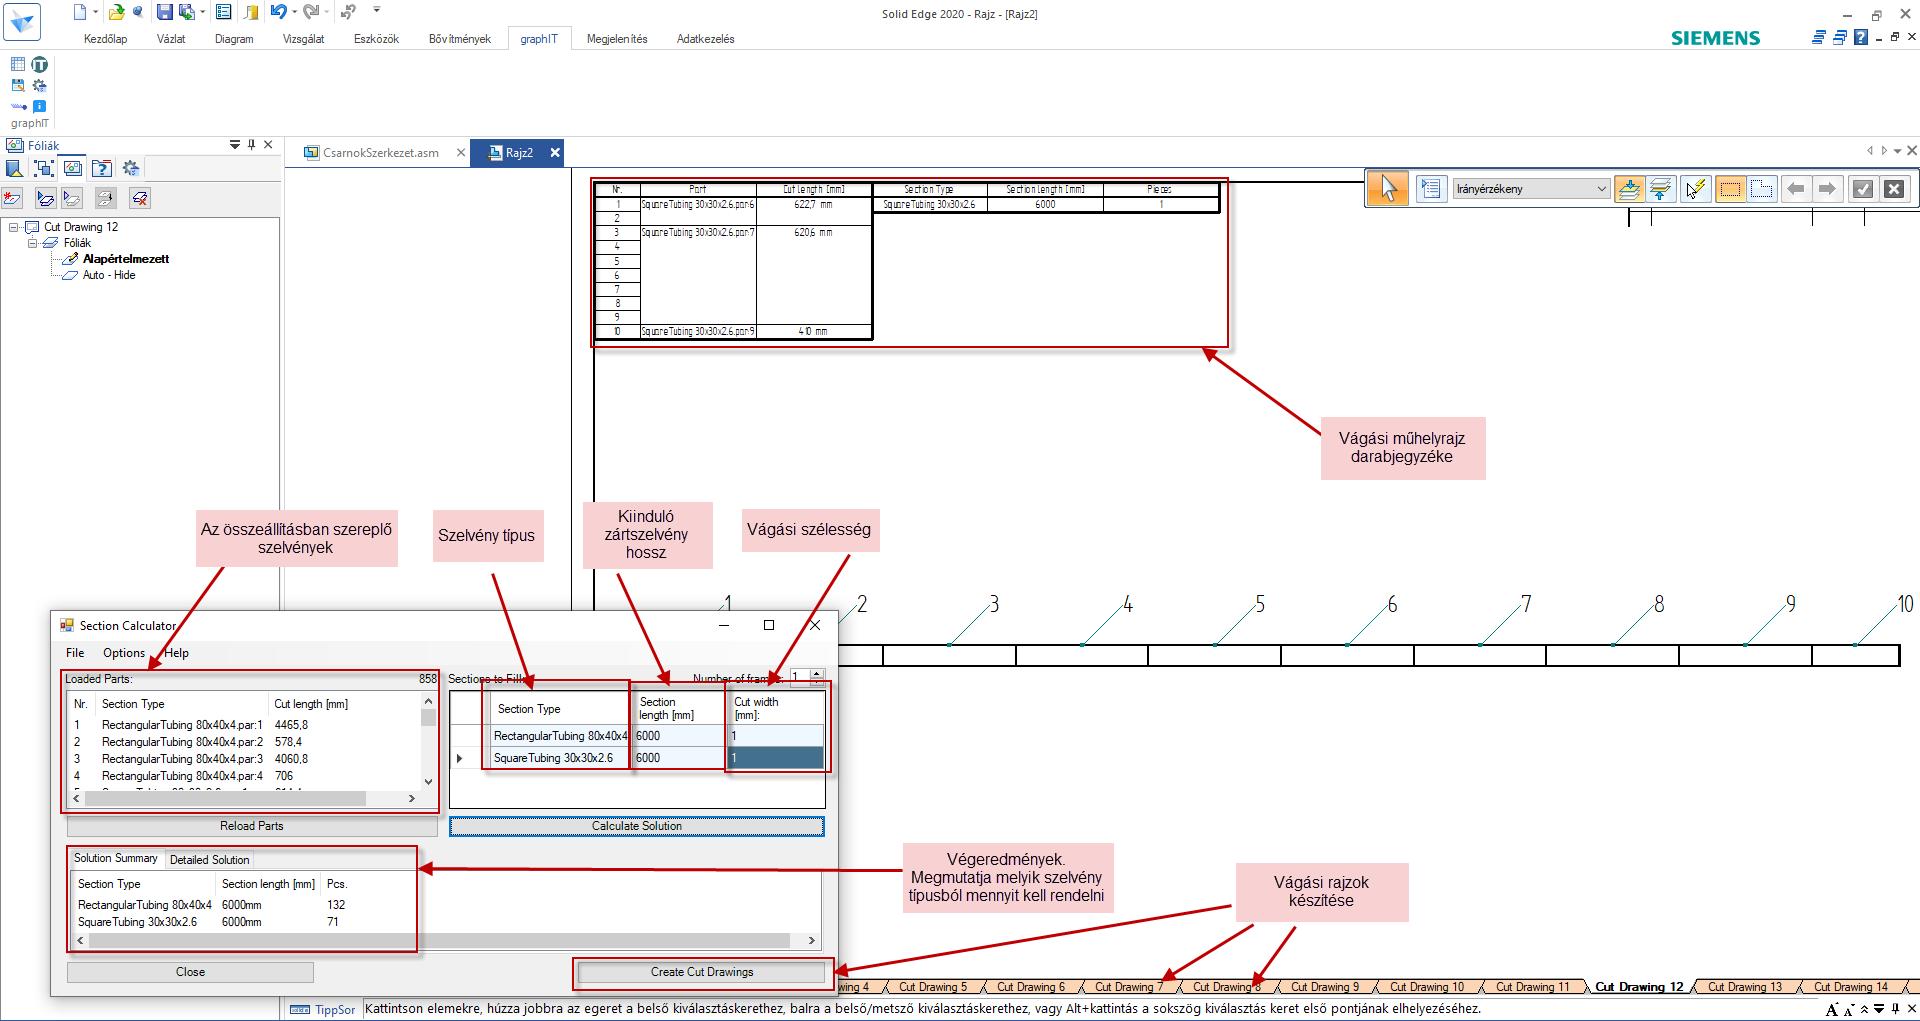 3. kép Solid Edge Szálanyag kalkulátor és háttérben a vele generált vágási műhelyrajz